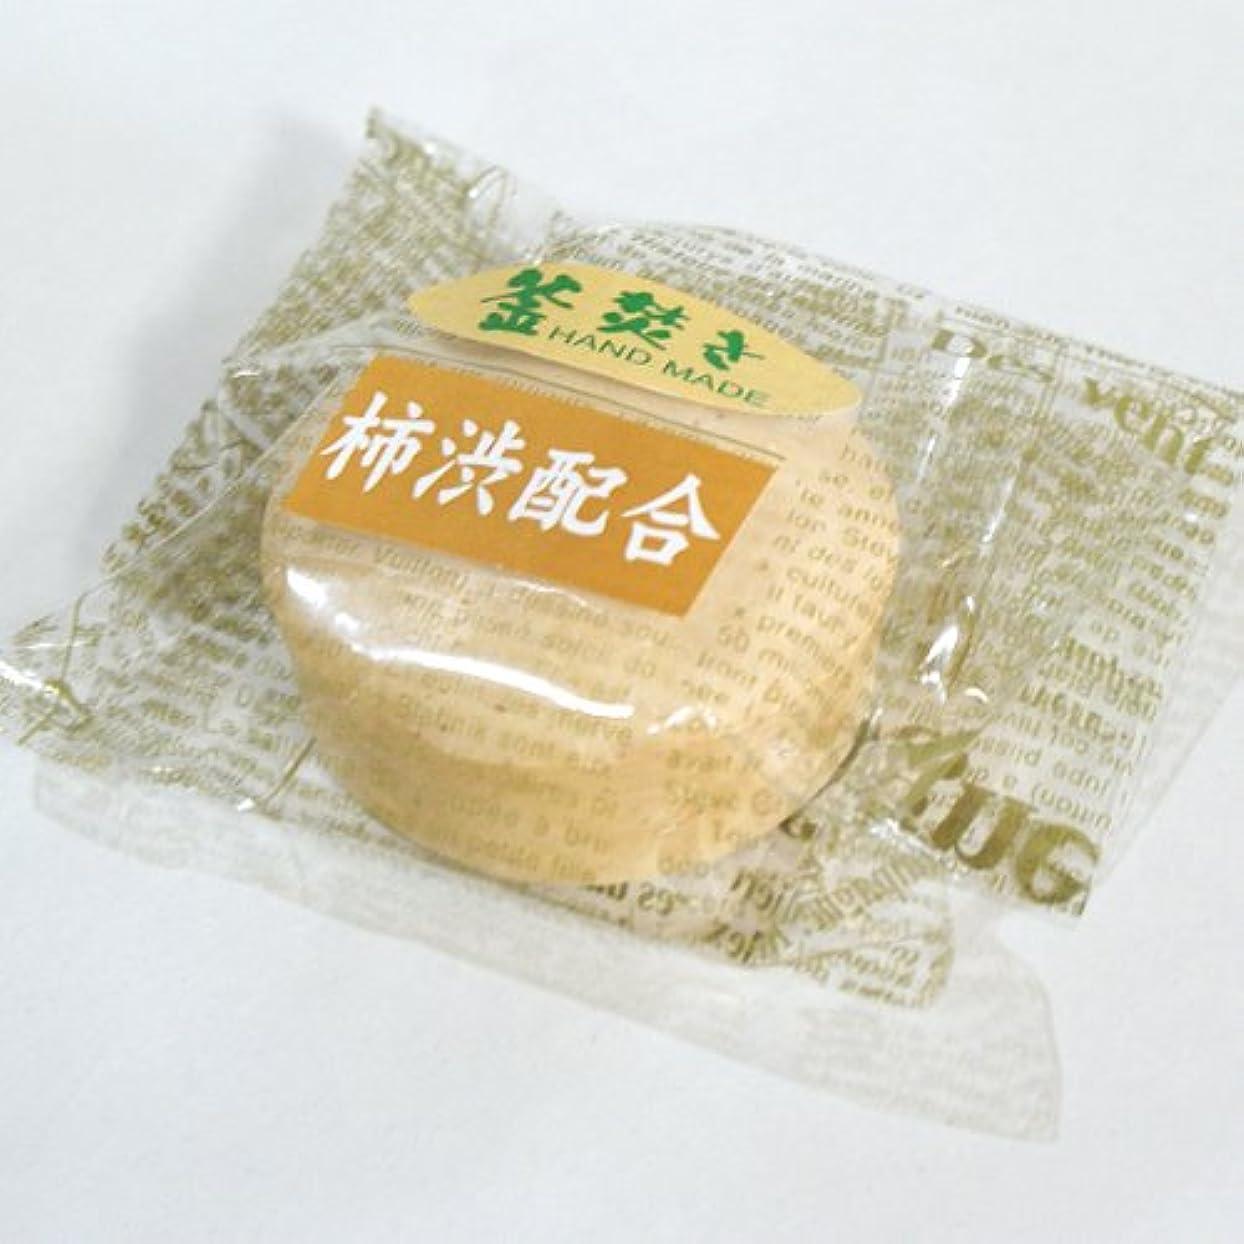 日焼けセグメント能力八坂石鹸 手作り石けん 柿渋60g